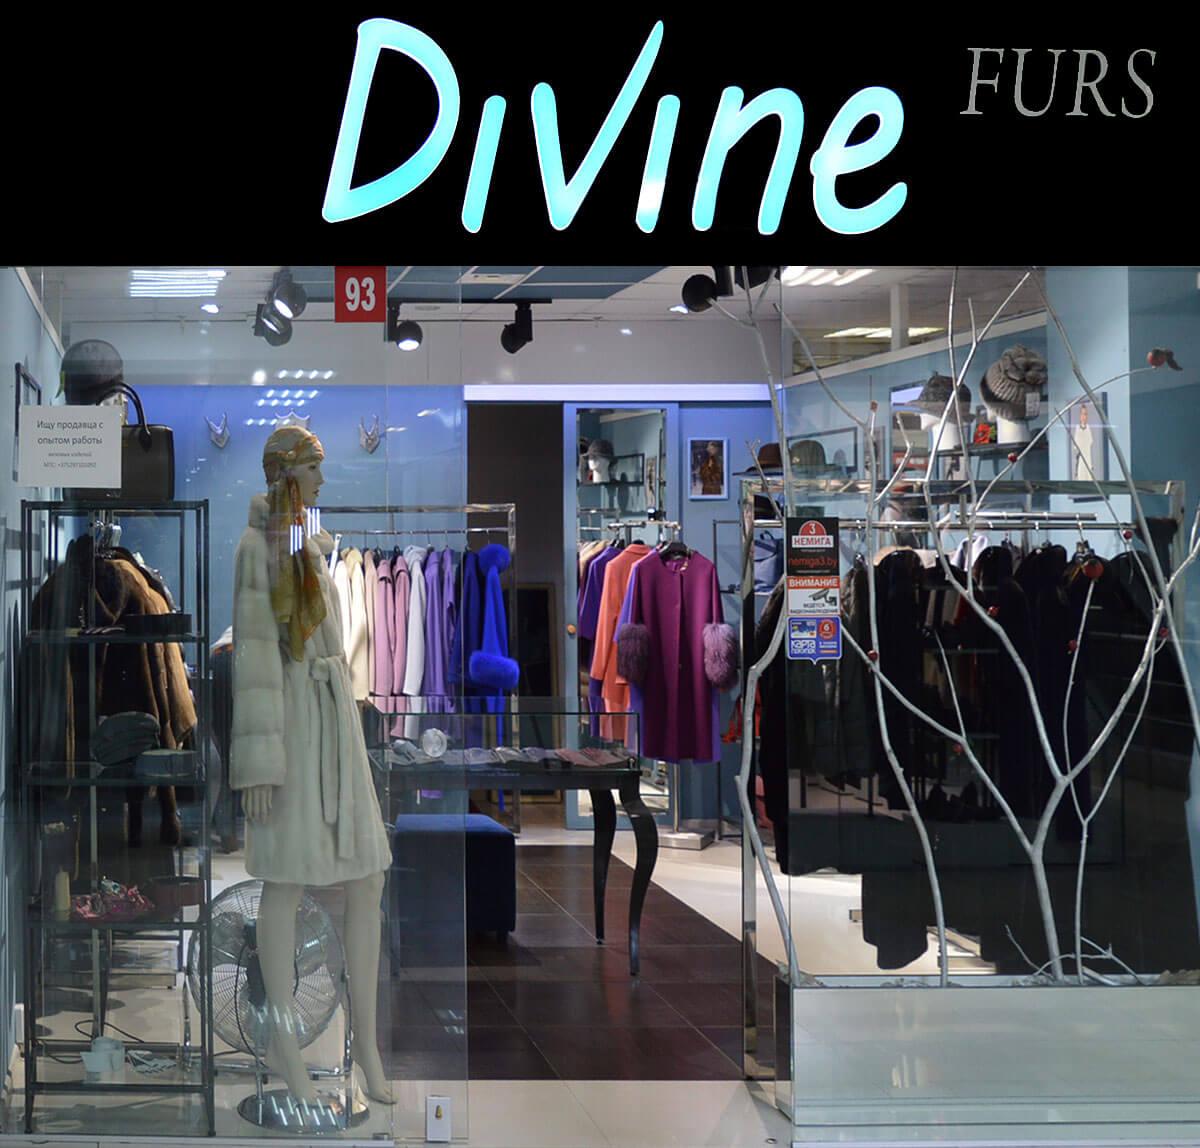 «DIVINE furs» -  бутик высококачественных меховых изделий и аксессуаров класса люкс в Торговом Центре «Немига 3»